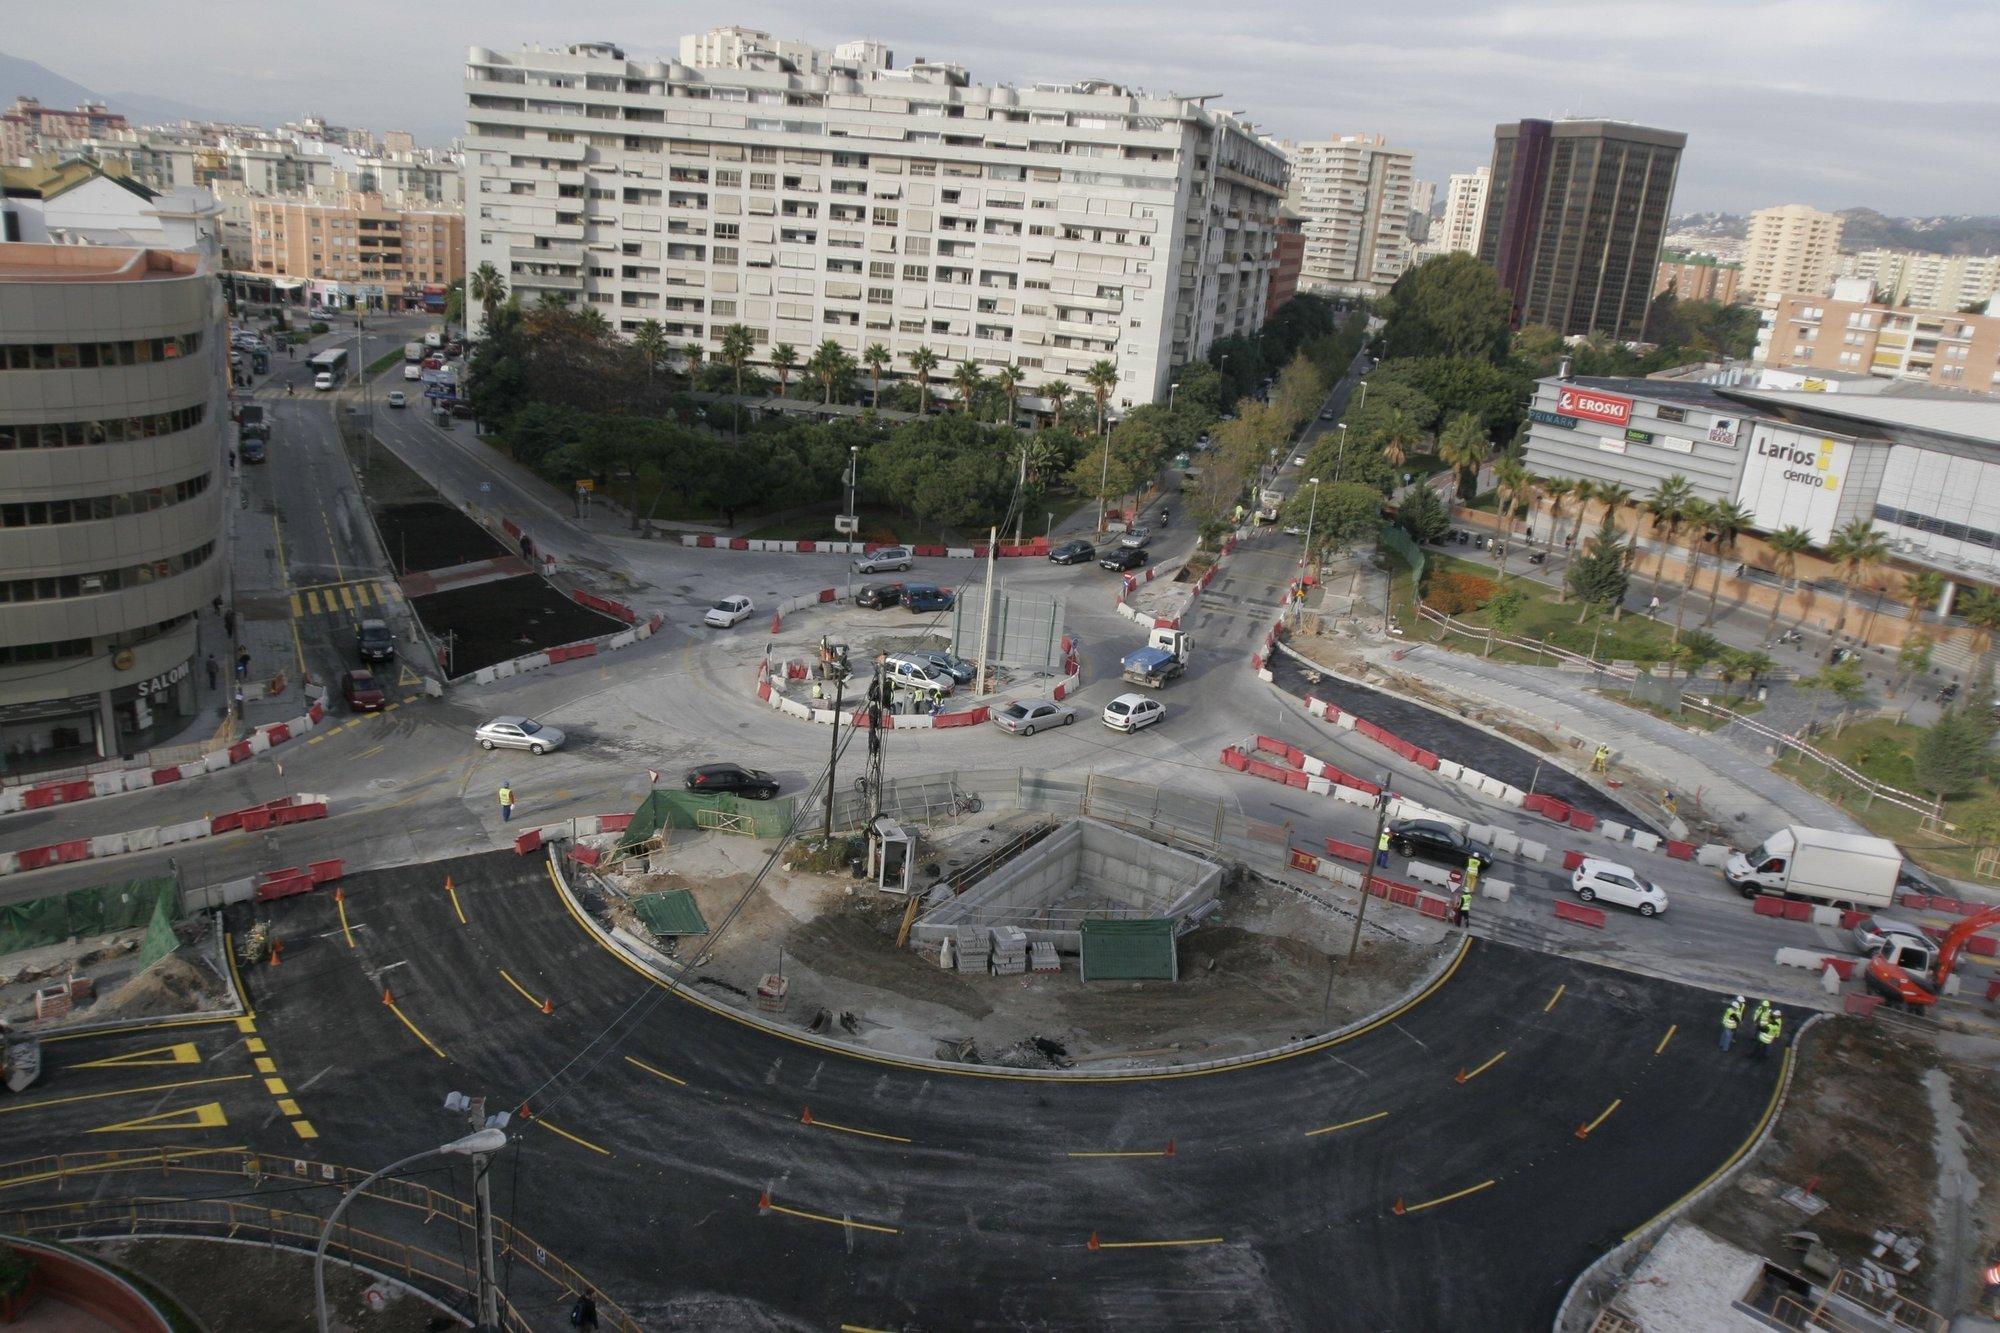 Metro de Málaga reabre al tráfico las calles Mendívil y Eslava tras recibir la autorización del Ayuntamiento